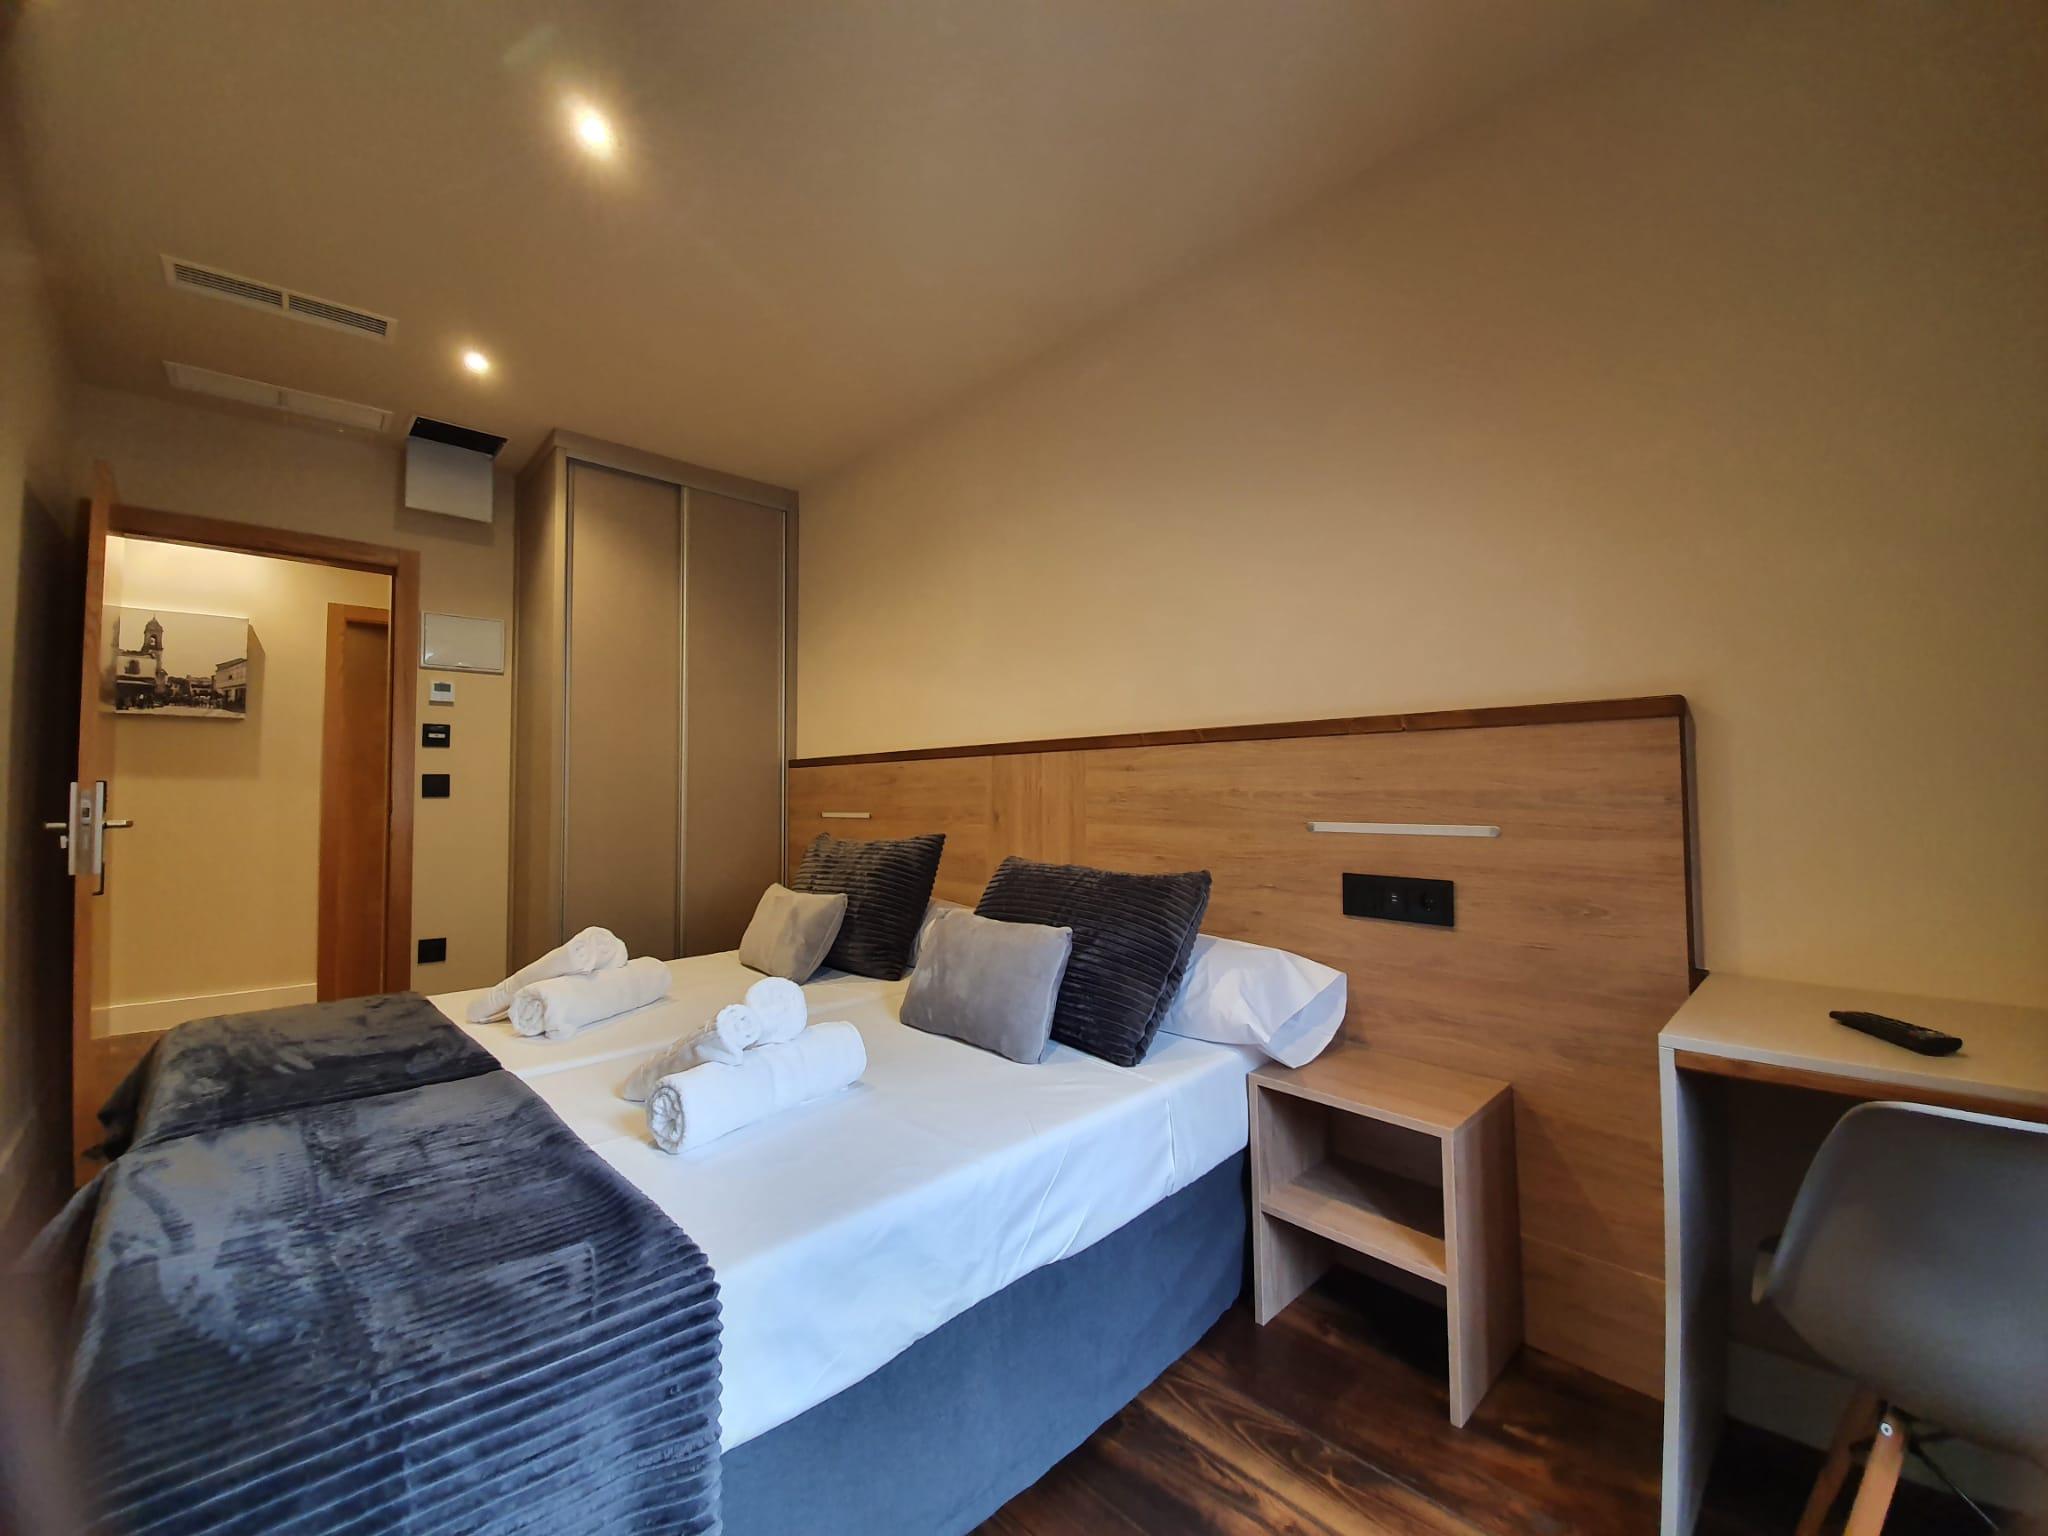 Habitación 101 Hotel Pensión Albergue casa cuartel